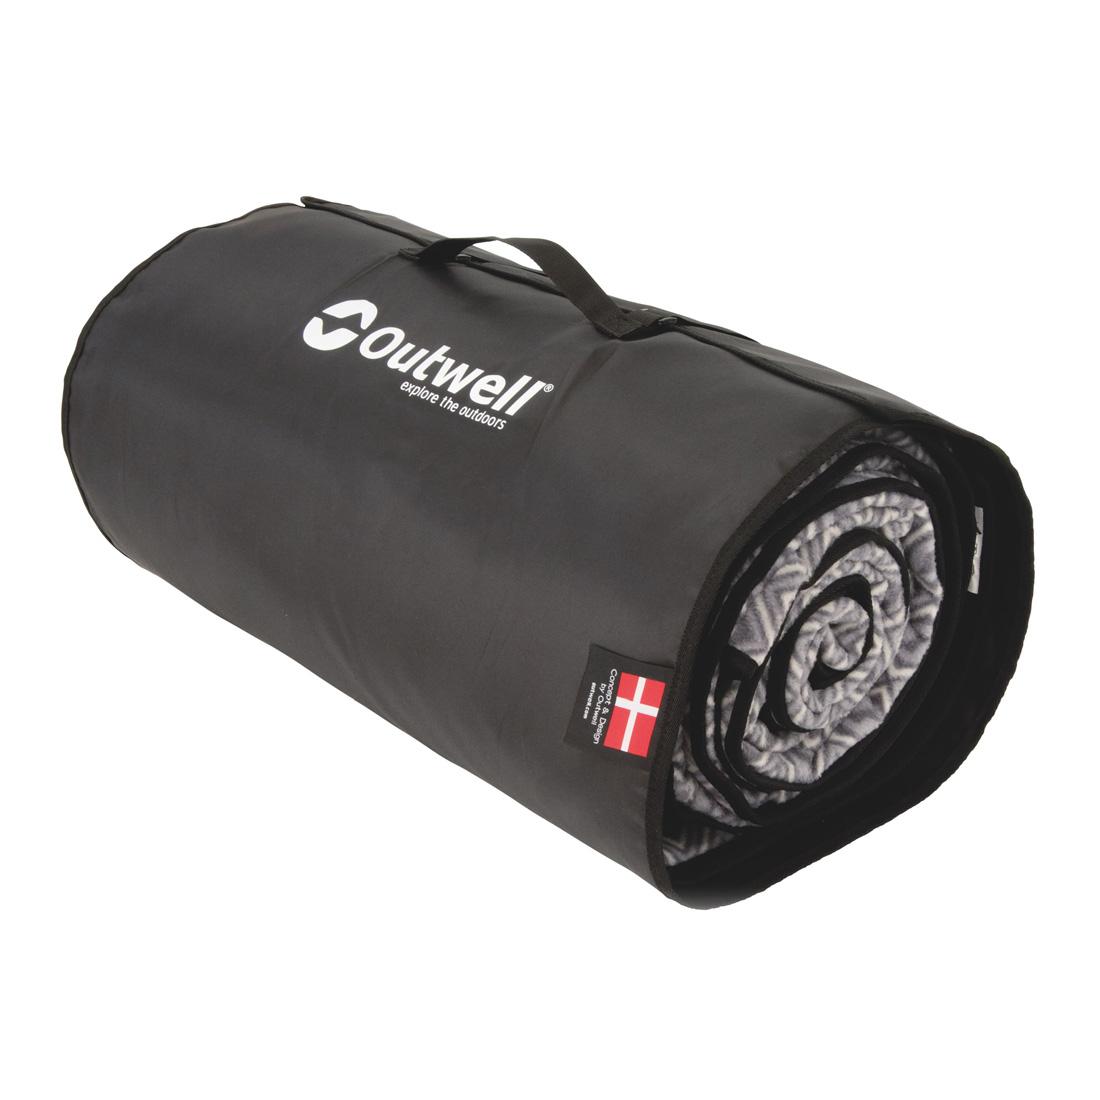 Outwell® TOMCAT 5SA専用 3レイヤーカーペット